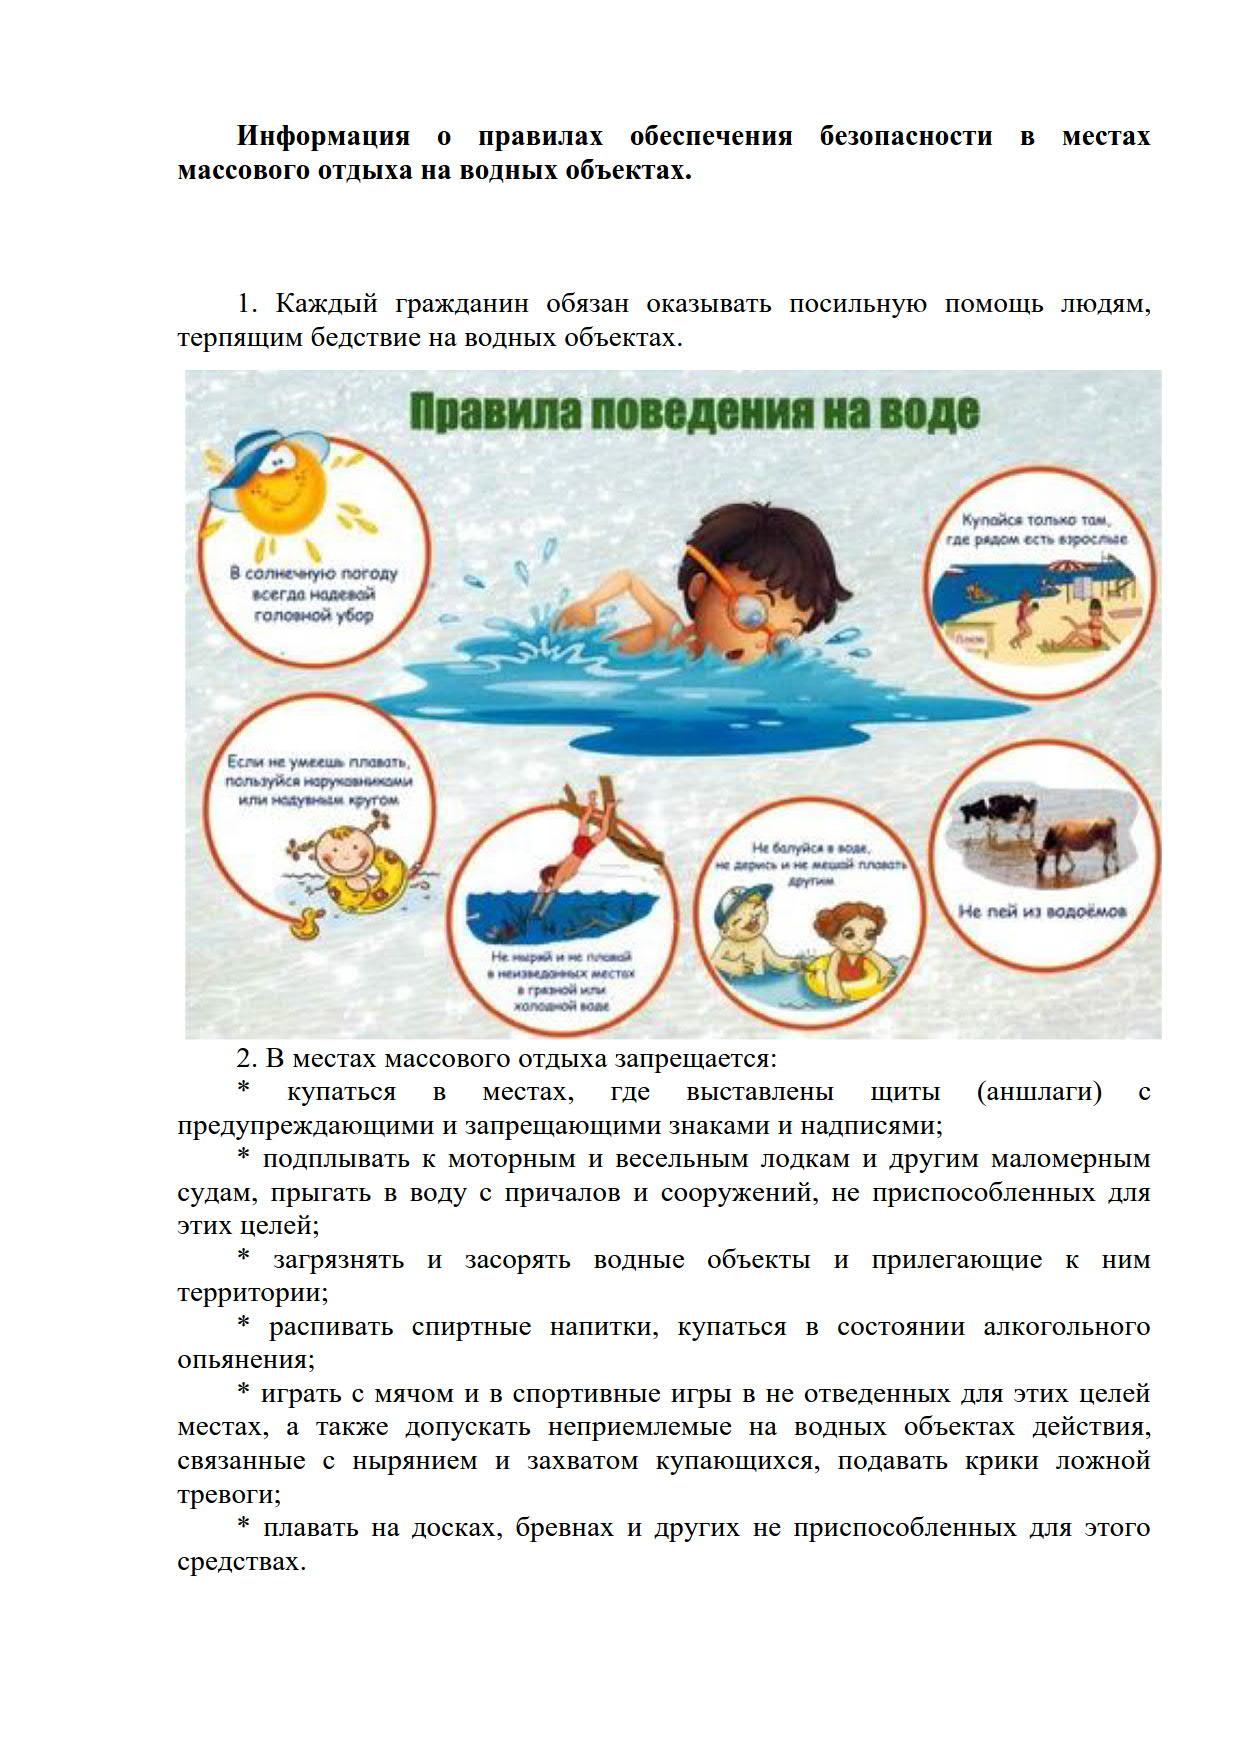 Правила поведения на водных объектах (1)_1